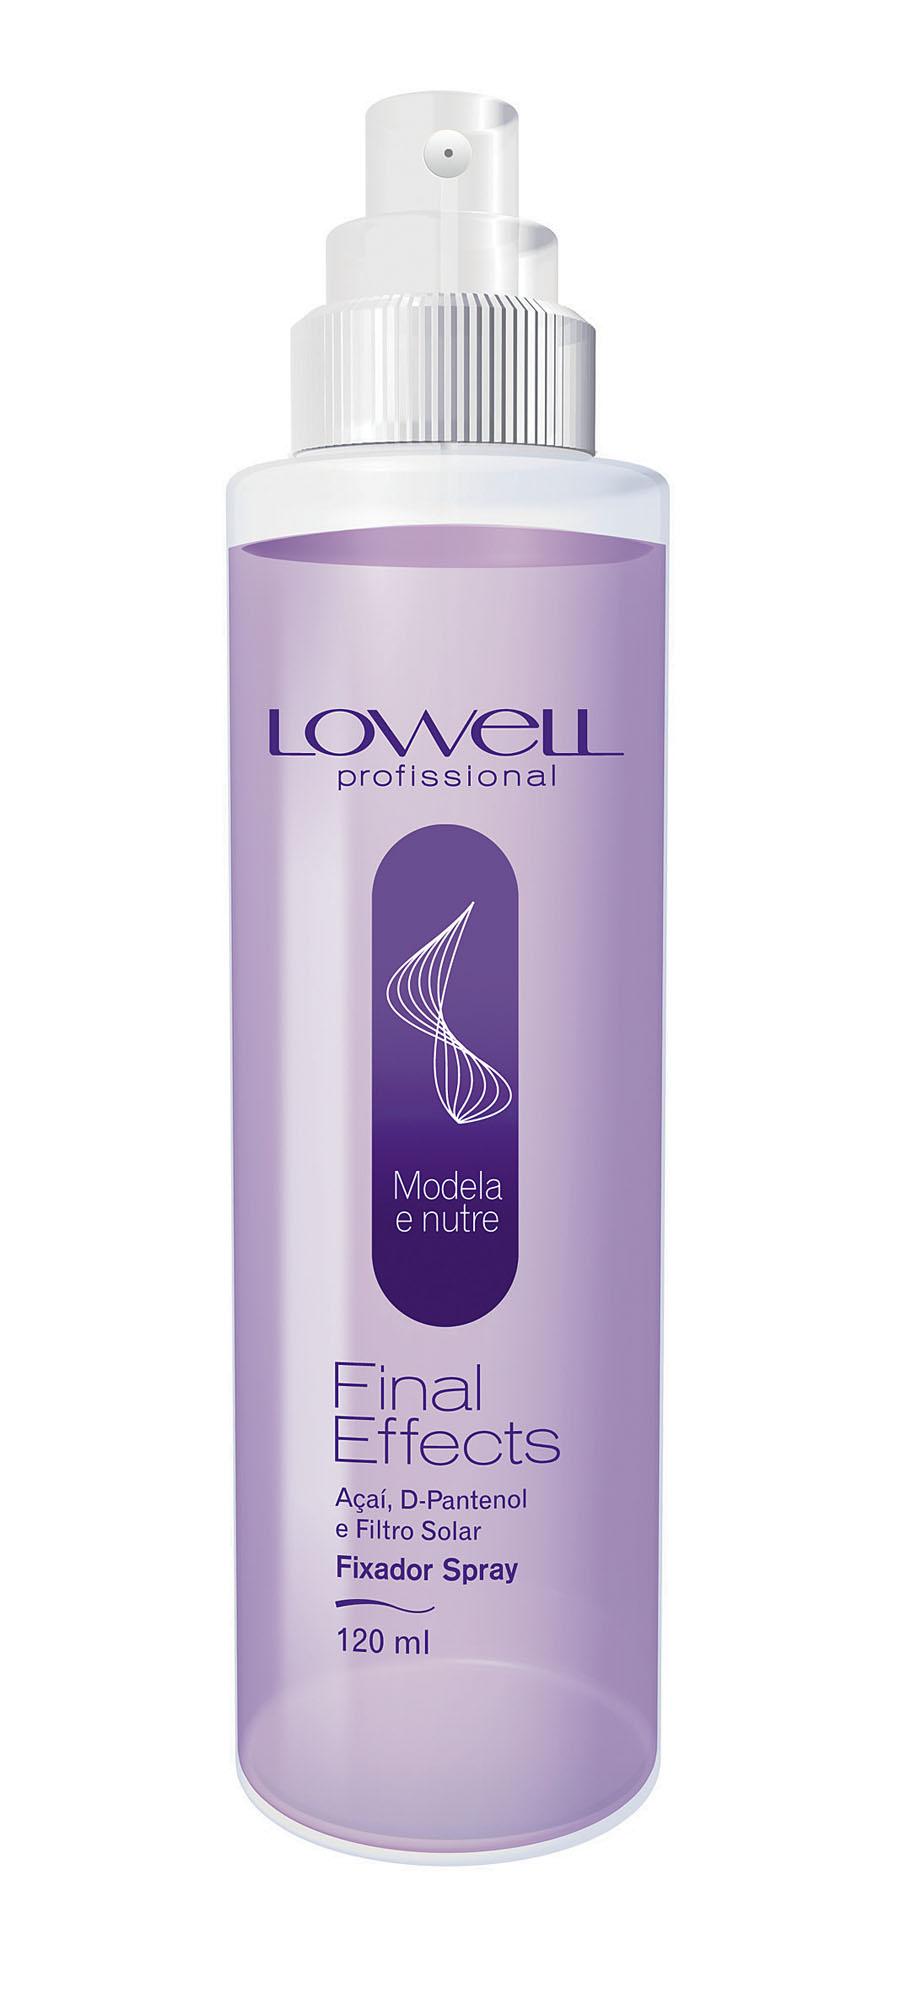 1- Lowell Fixador Spray l, R$ 27,20: sua fórmula é isenta de álcool, não resseca os fios, possui filtro solar e D-Pantenol, que auxiliam no brilho e na maciez. Lowell Cosméticos 0800-7728040